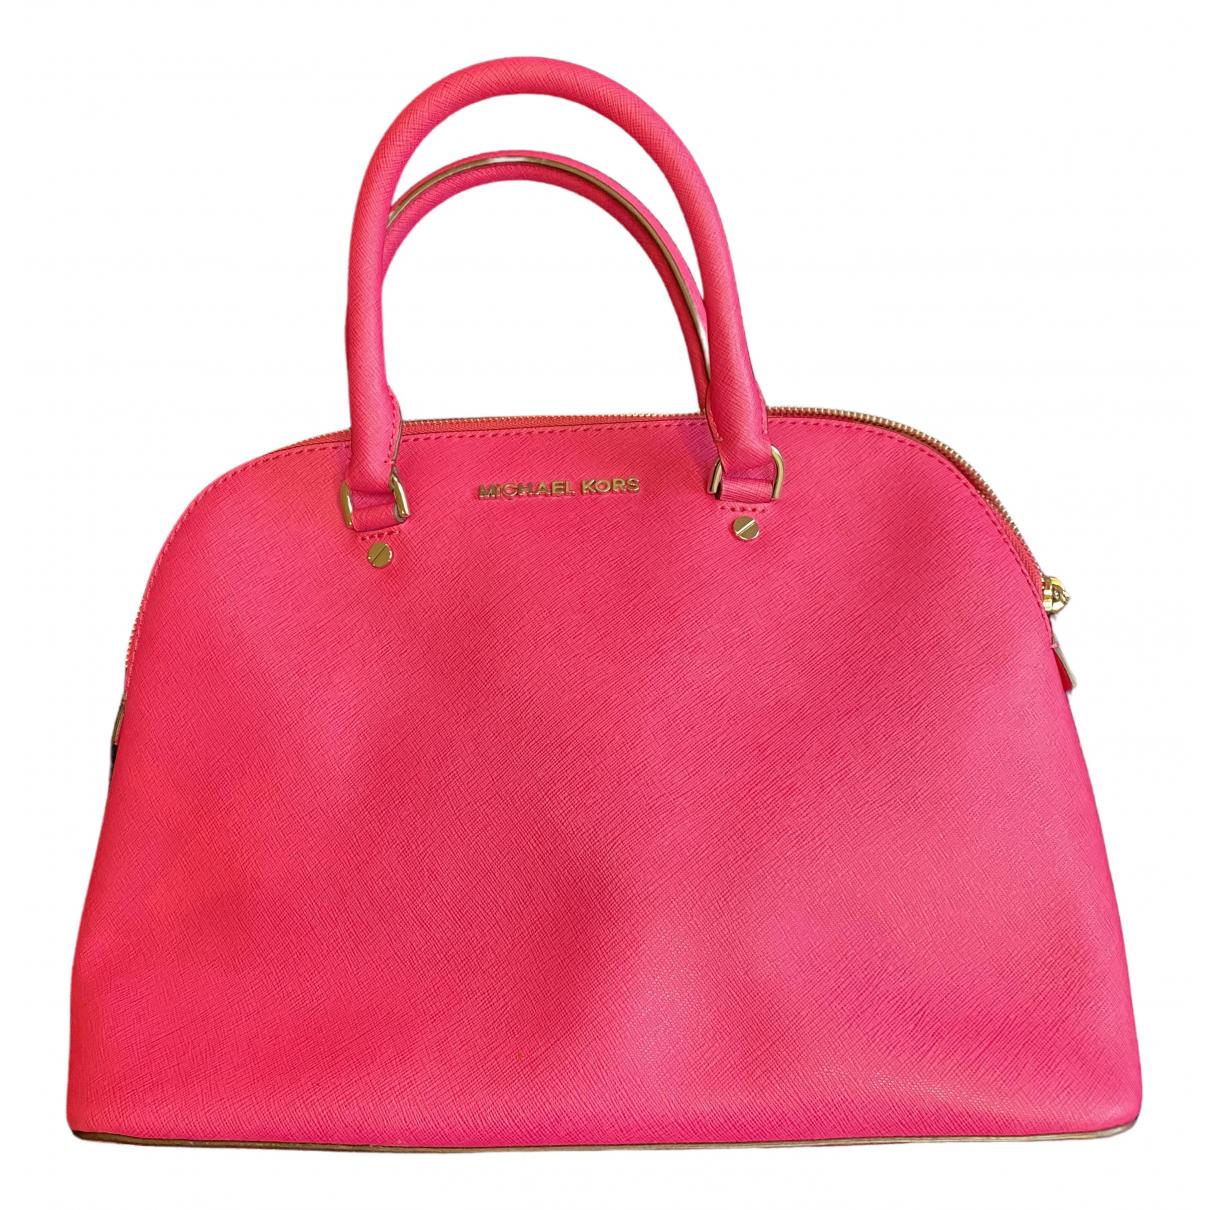 Michael Kors - Sac a main   pour femme en cuir - rose